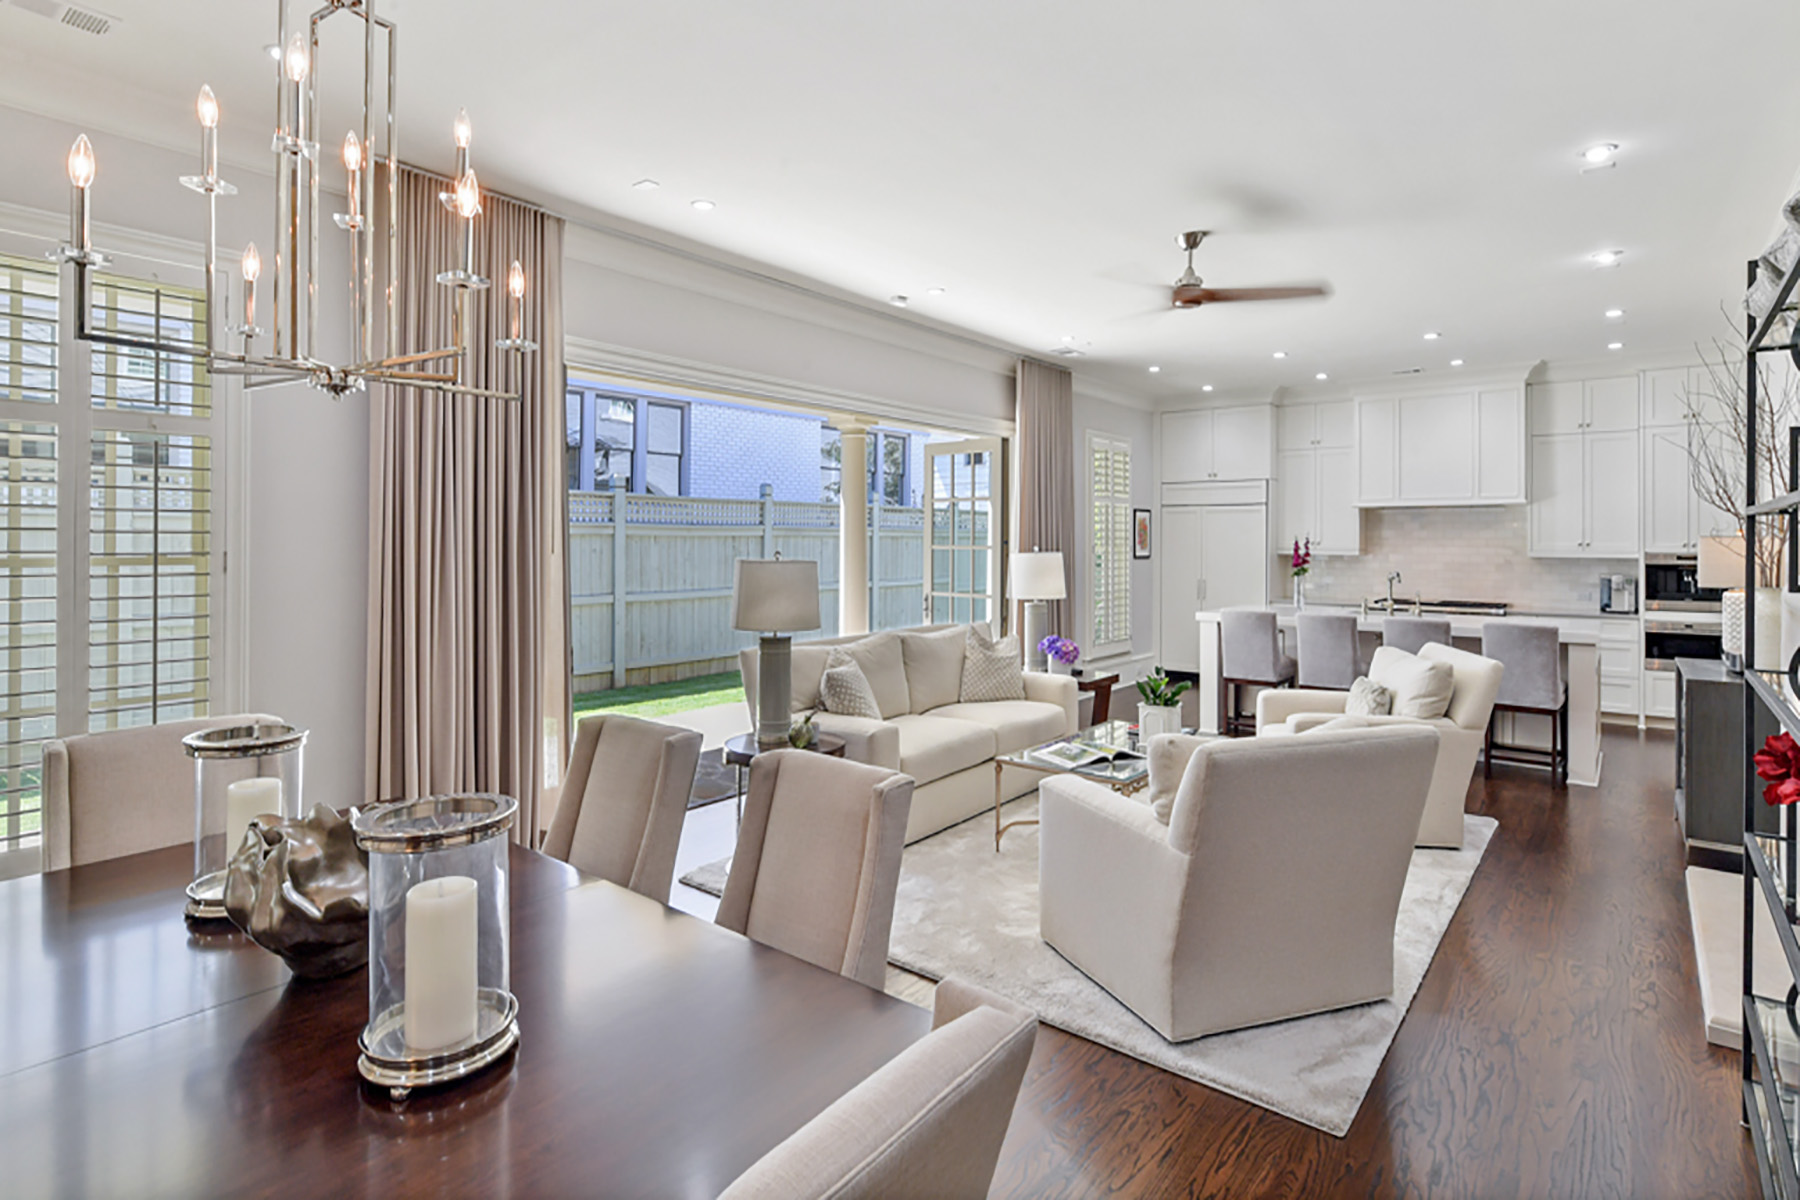 townhouses için Satış at Sophisticated Luxury Town-home In Ansley Park Atlanta 1400 Piedmont Rd 1, Atlanta, Georgia 30309 Amerika Birleşik Devletleri